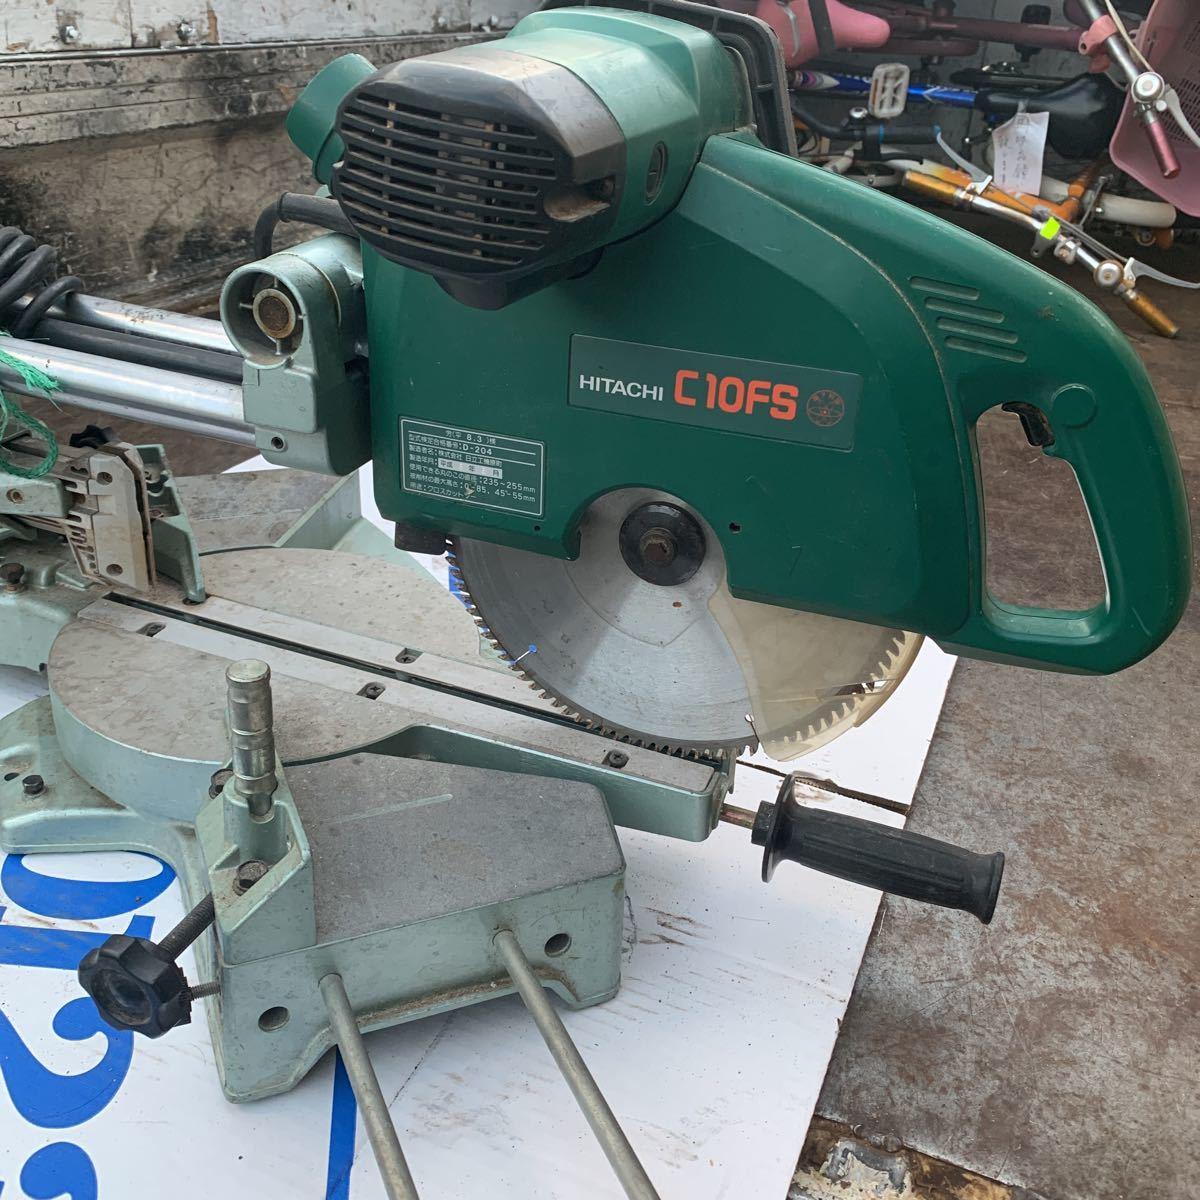 (2)HITACHI  Hitachi Koki  255mm  настольный ...   ... C10FS  проверено на работоспособность